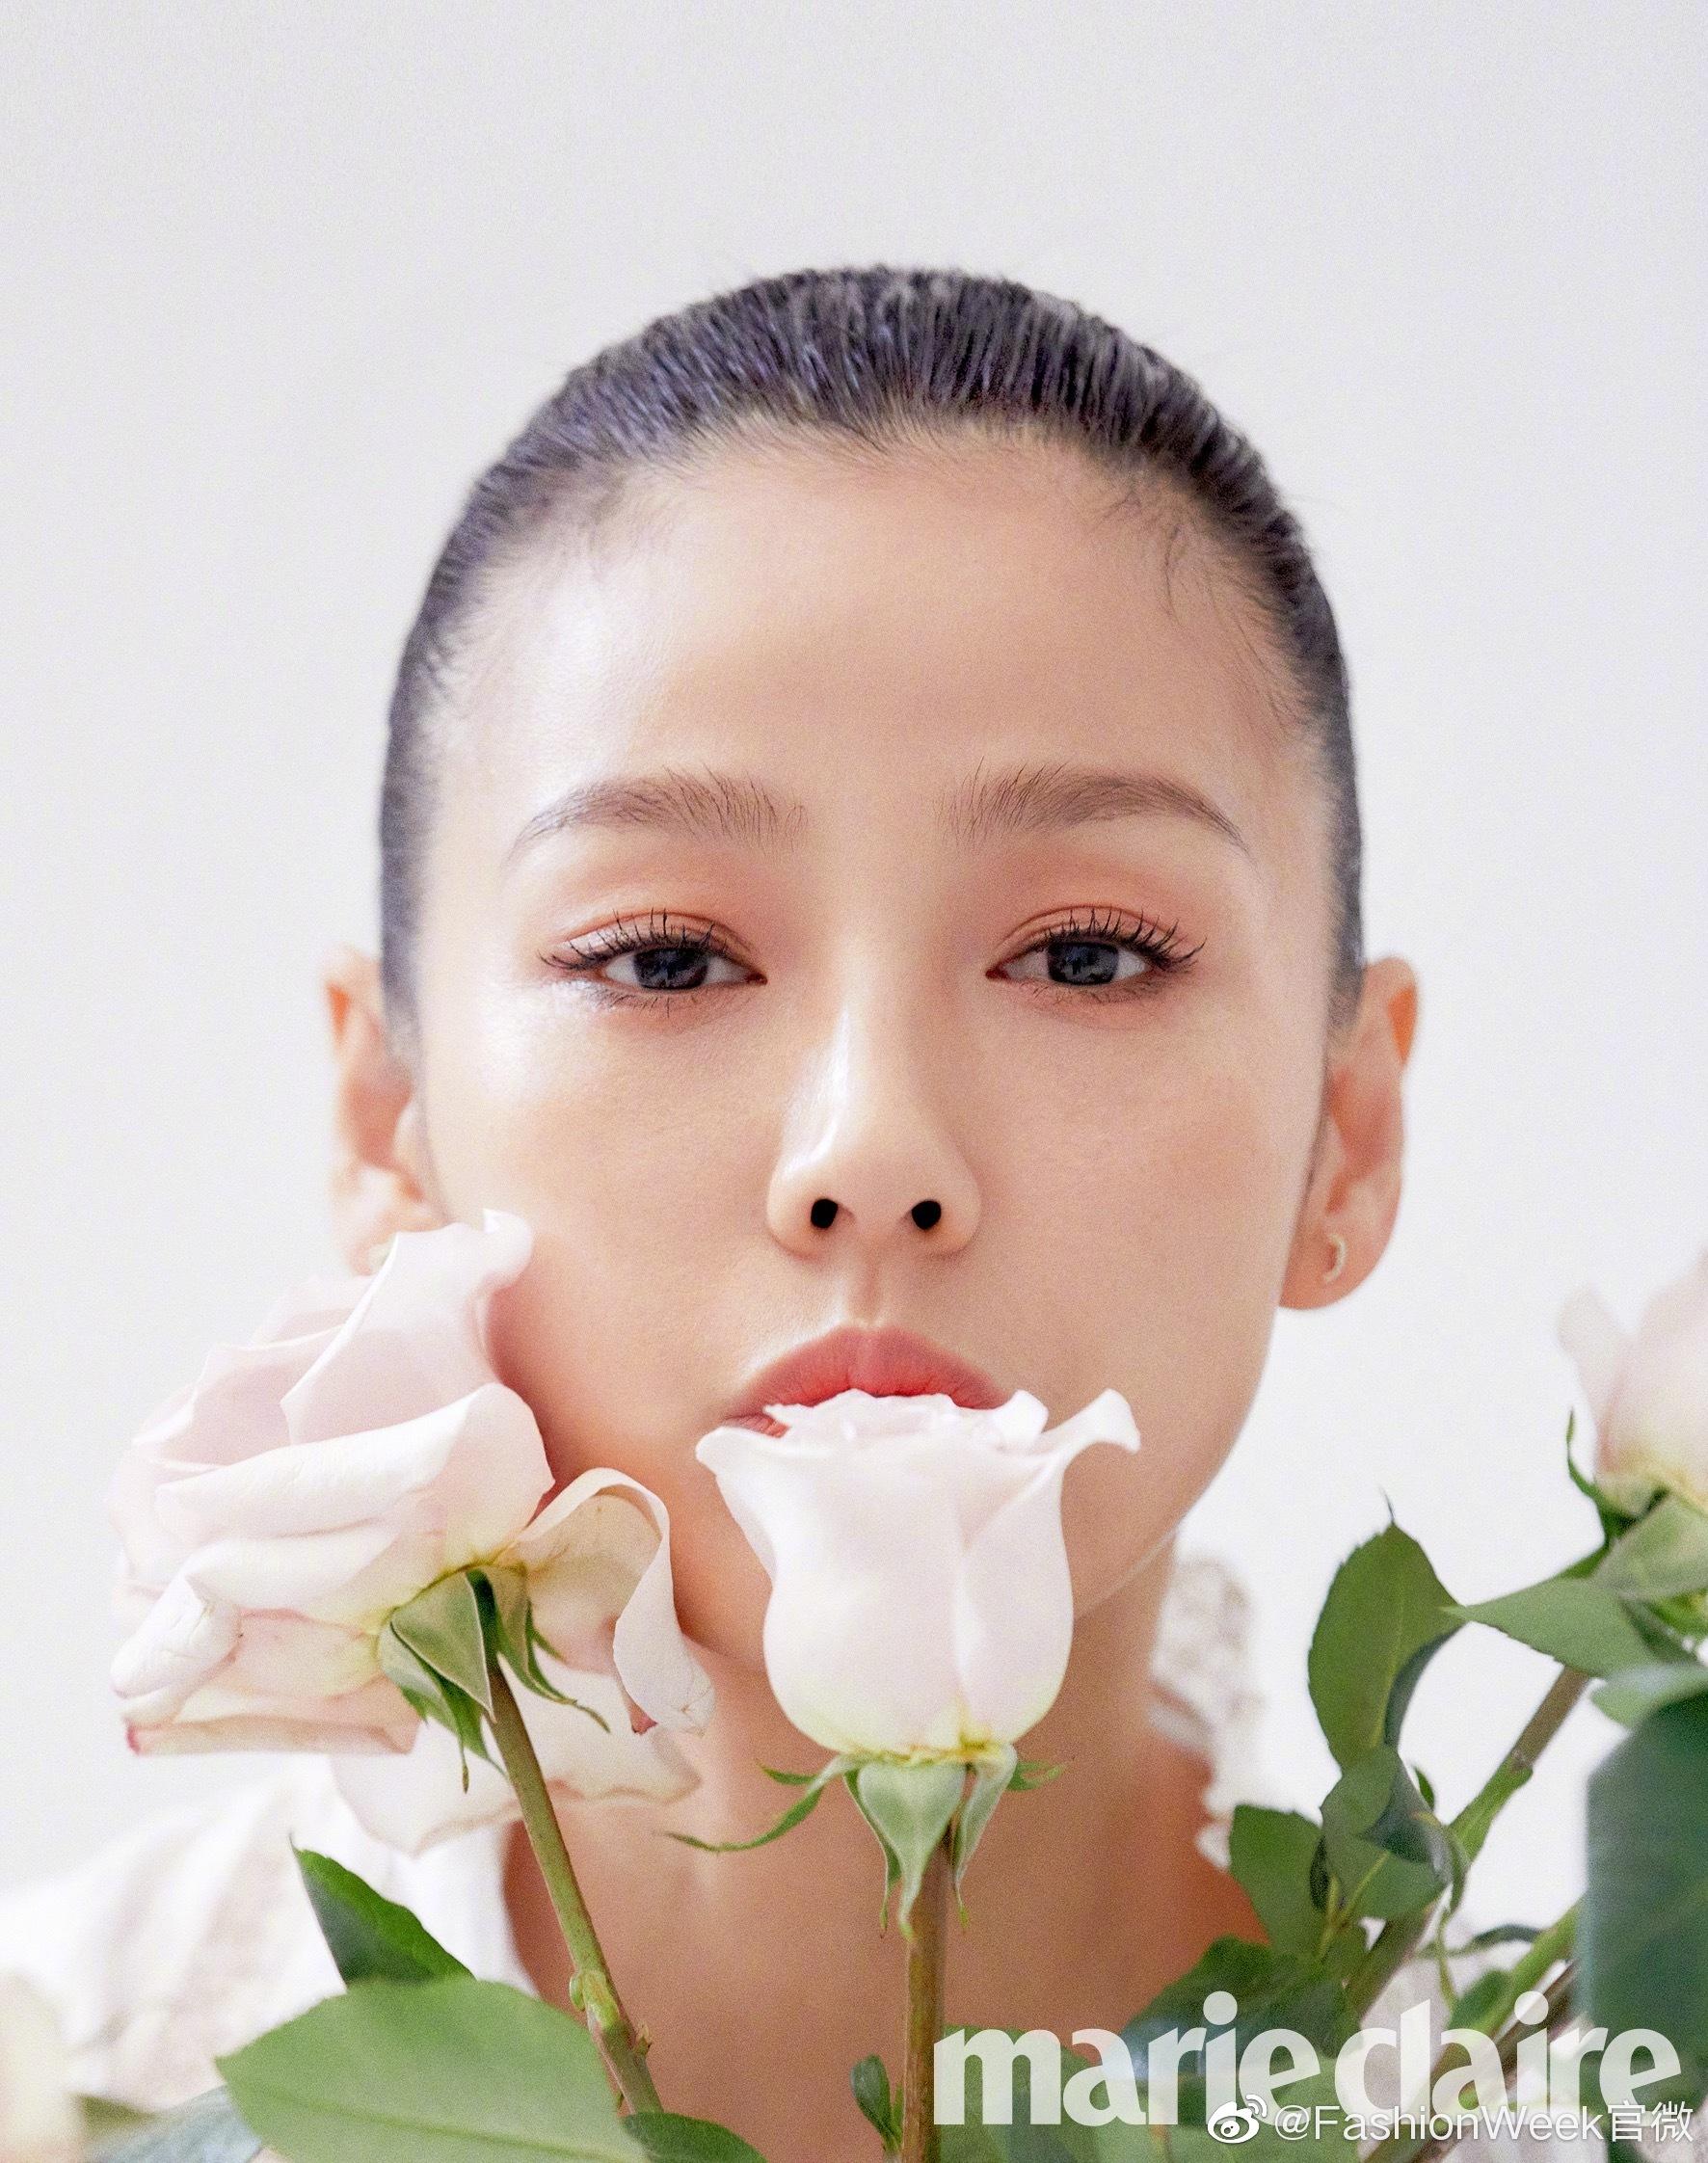 李孝利 x Marie Claire Korea |充满春日气息的姐